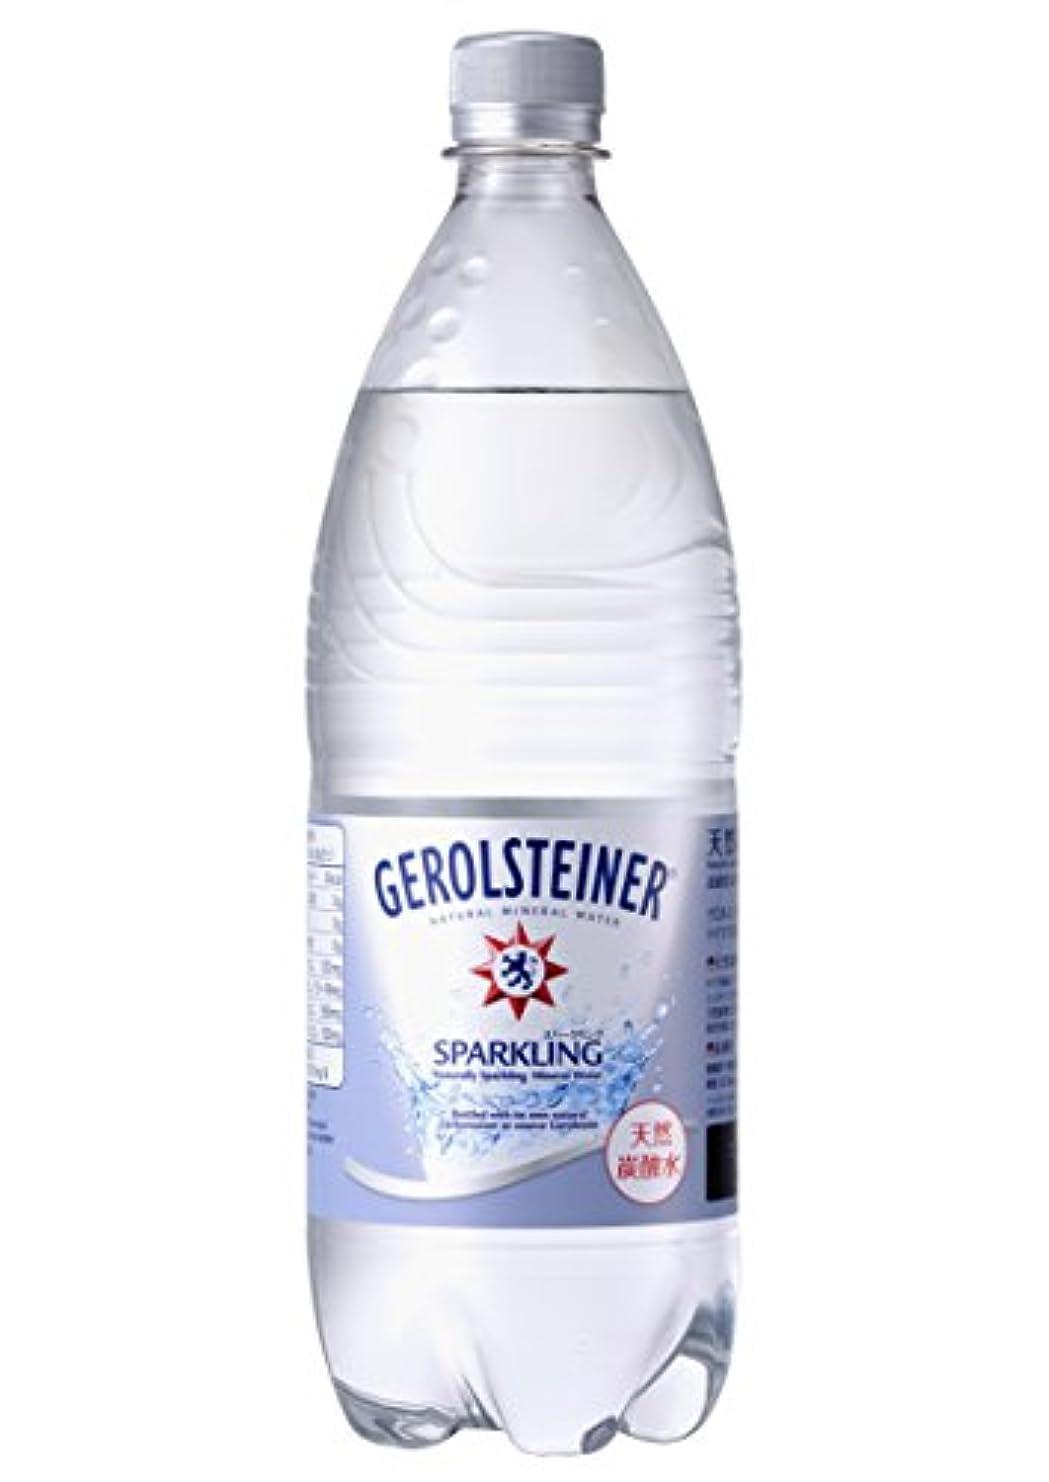 盆課税満足させるポッカサッポロ GEROLSTEINER(ゲロルシュタイナー) 1L [正規輸入品]